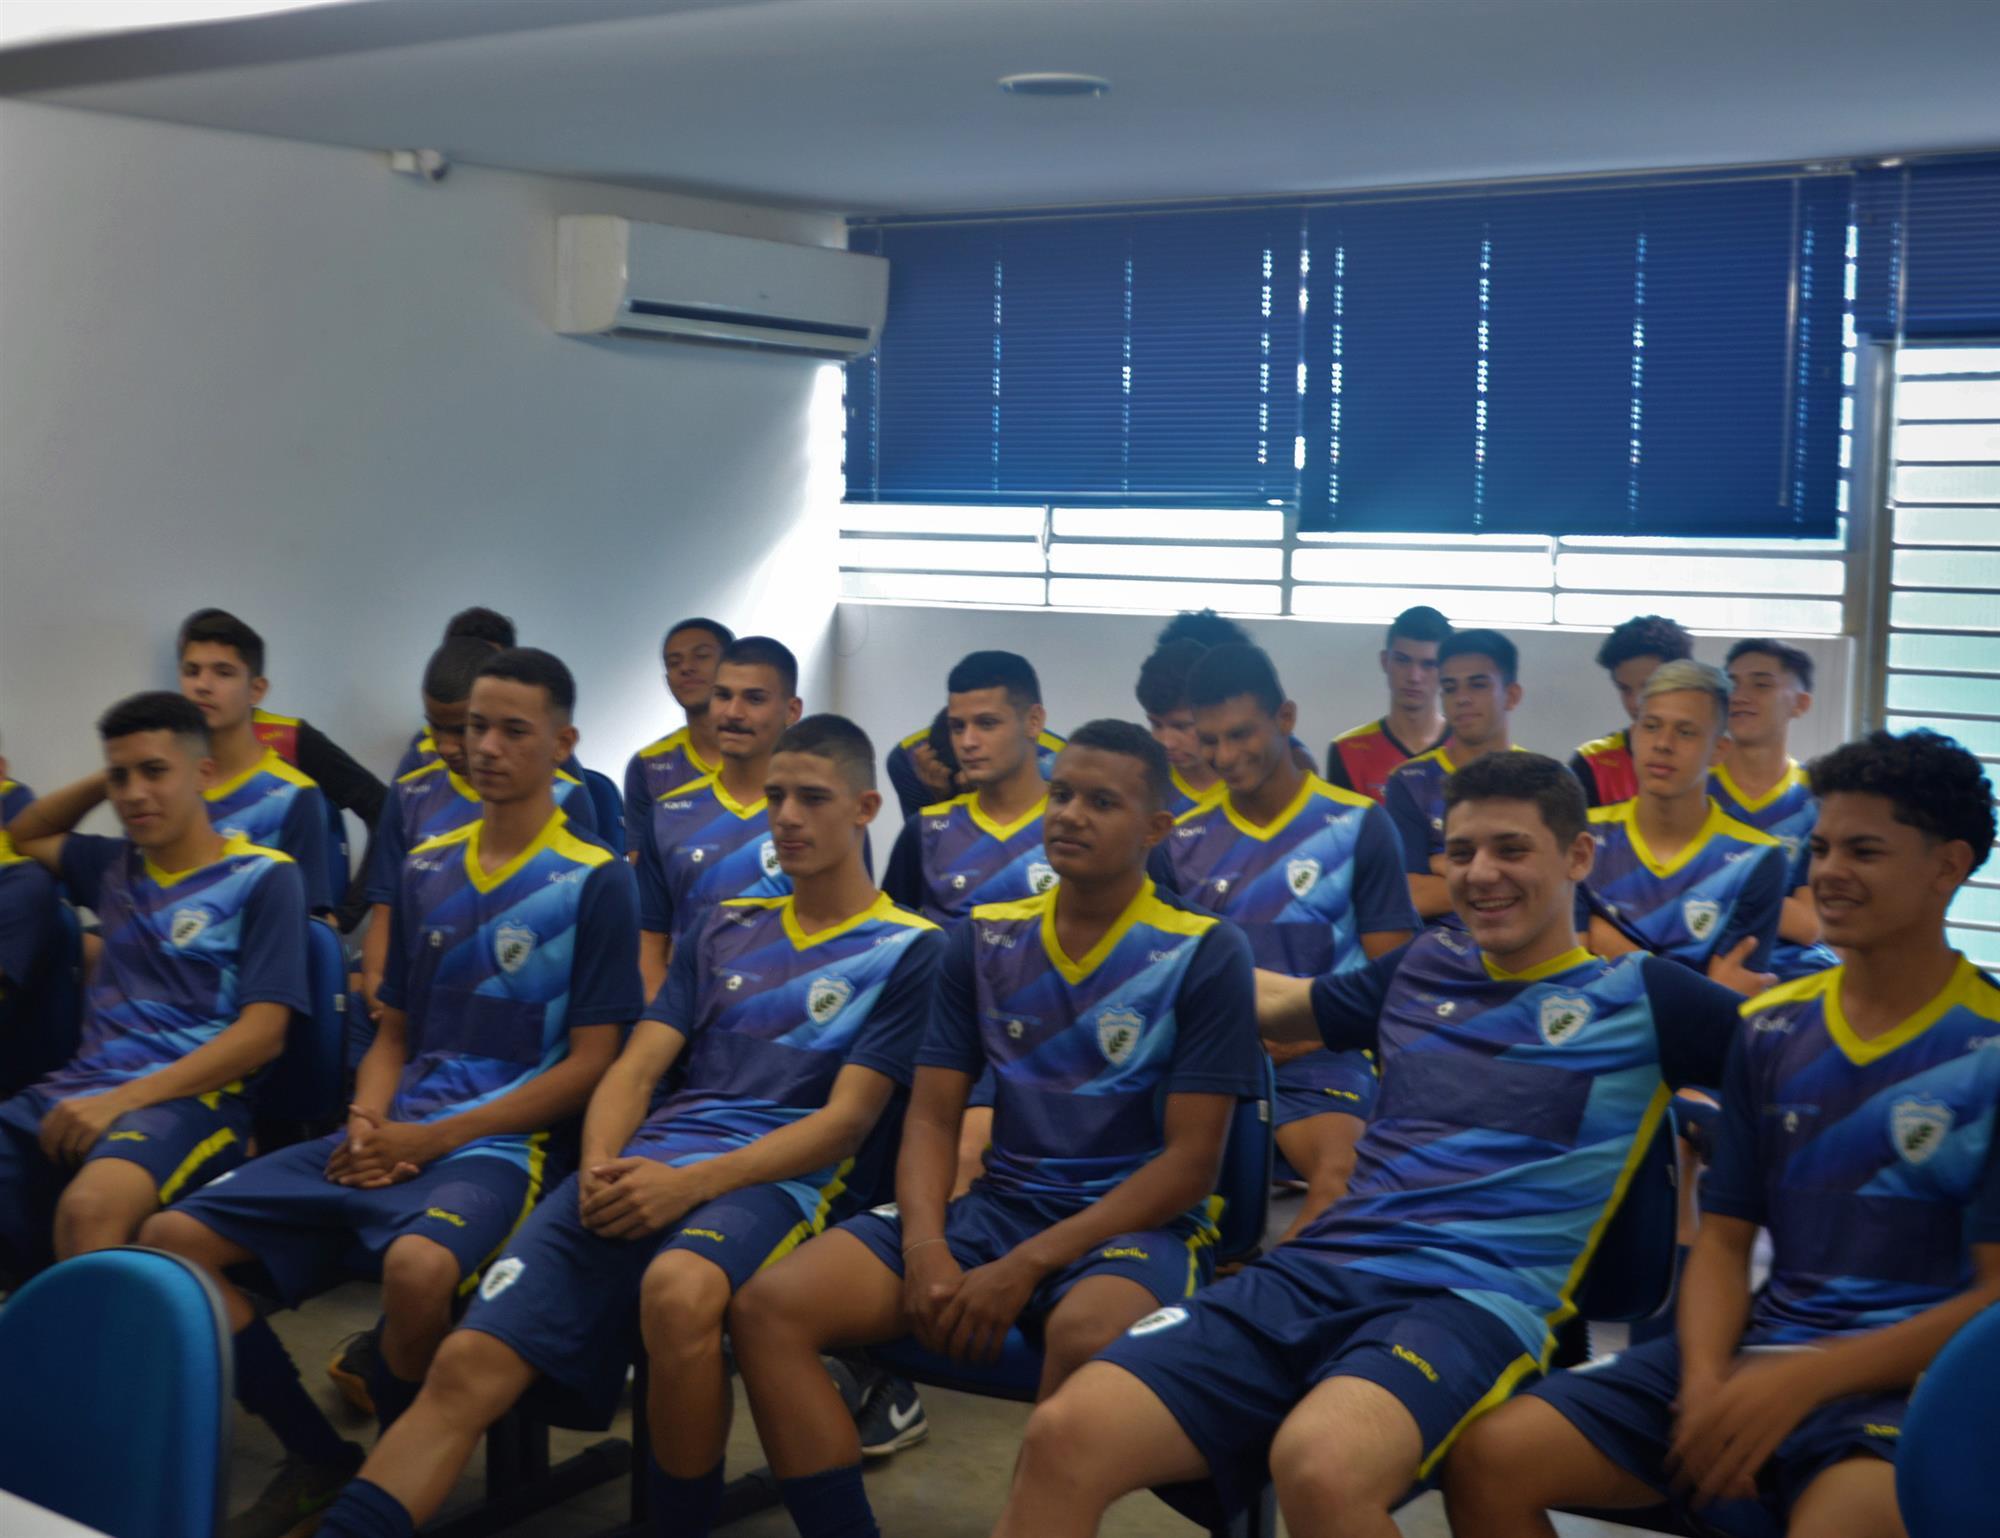 Elenco sub-17 se reapresentou para a temporada 2020